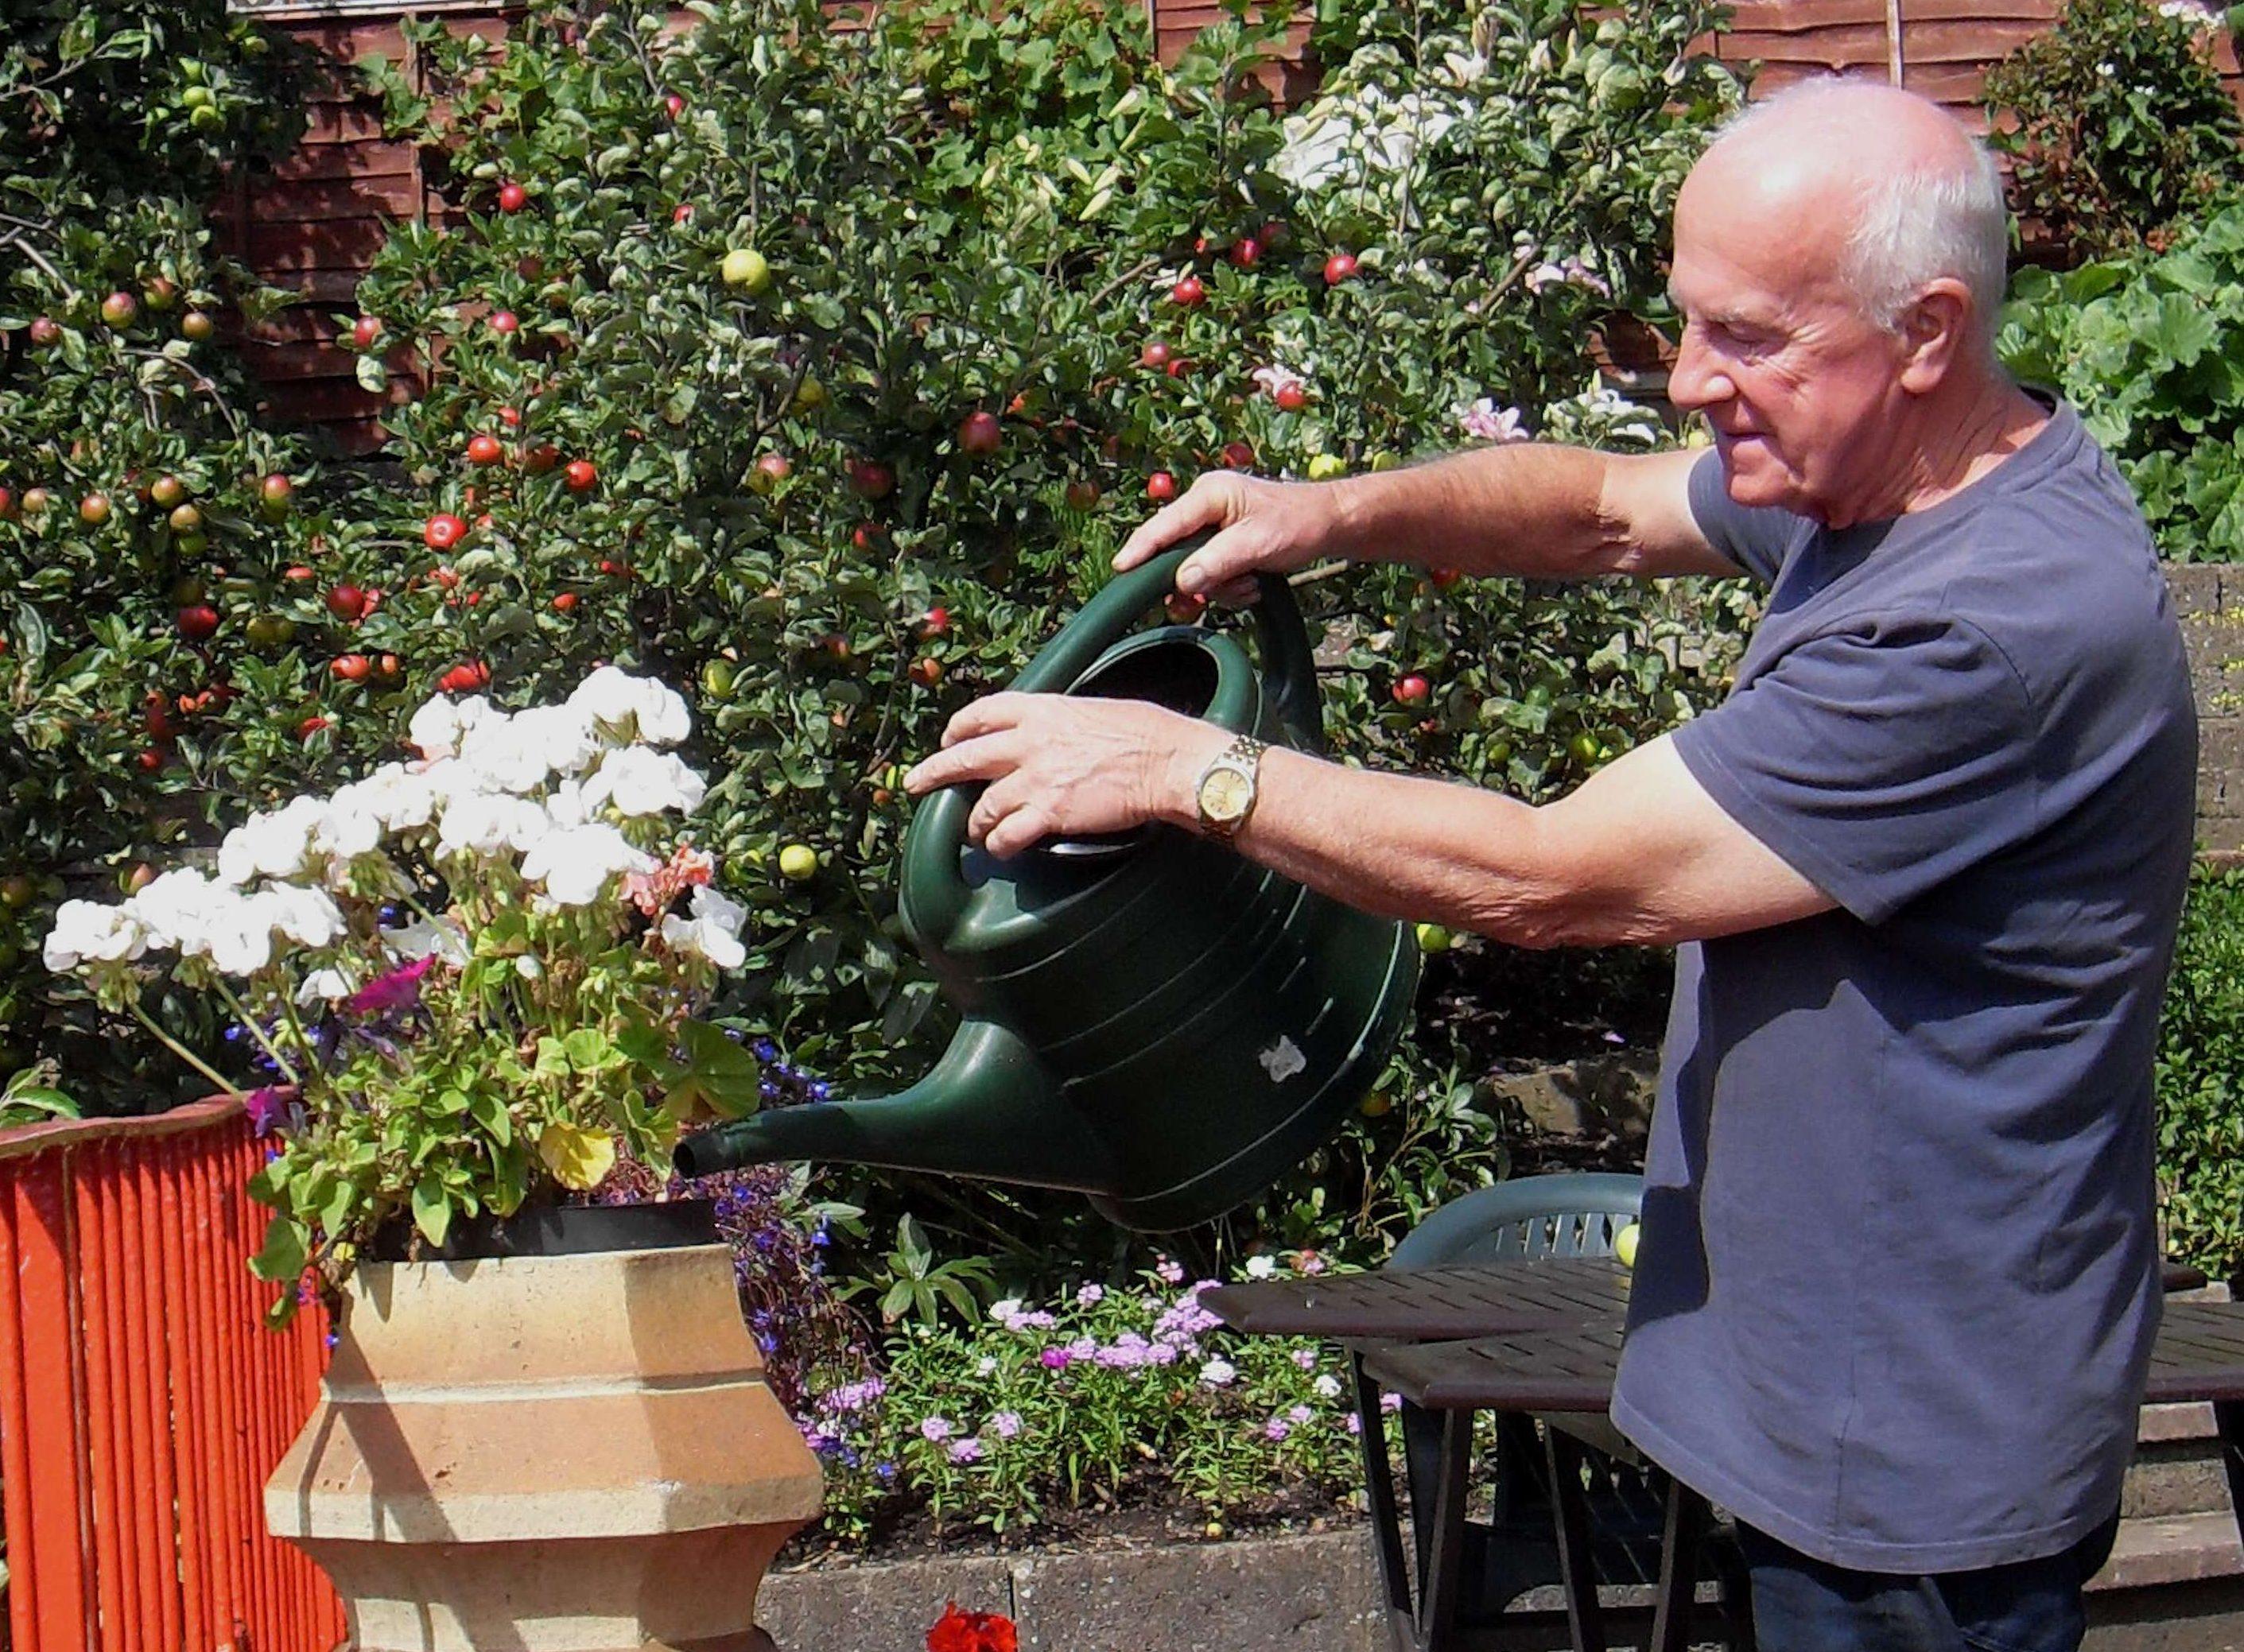 Feeding flower tubs